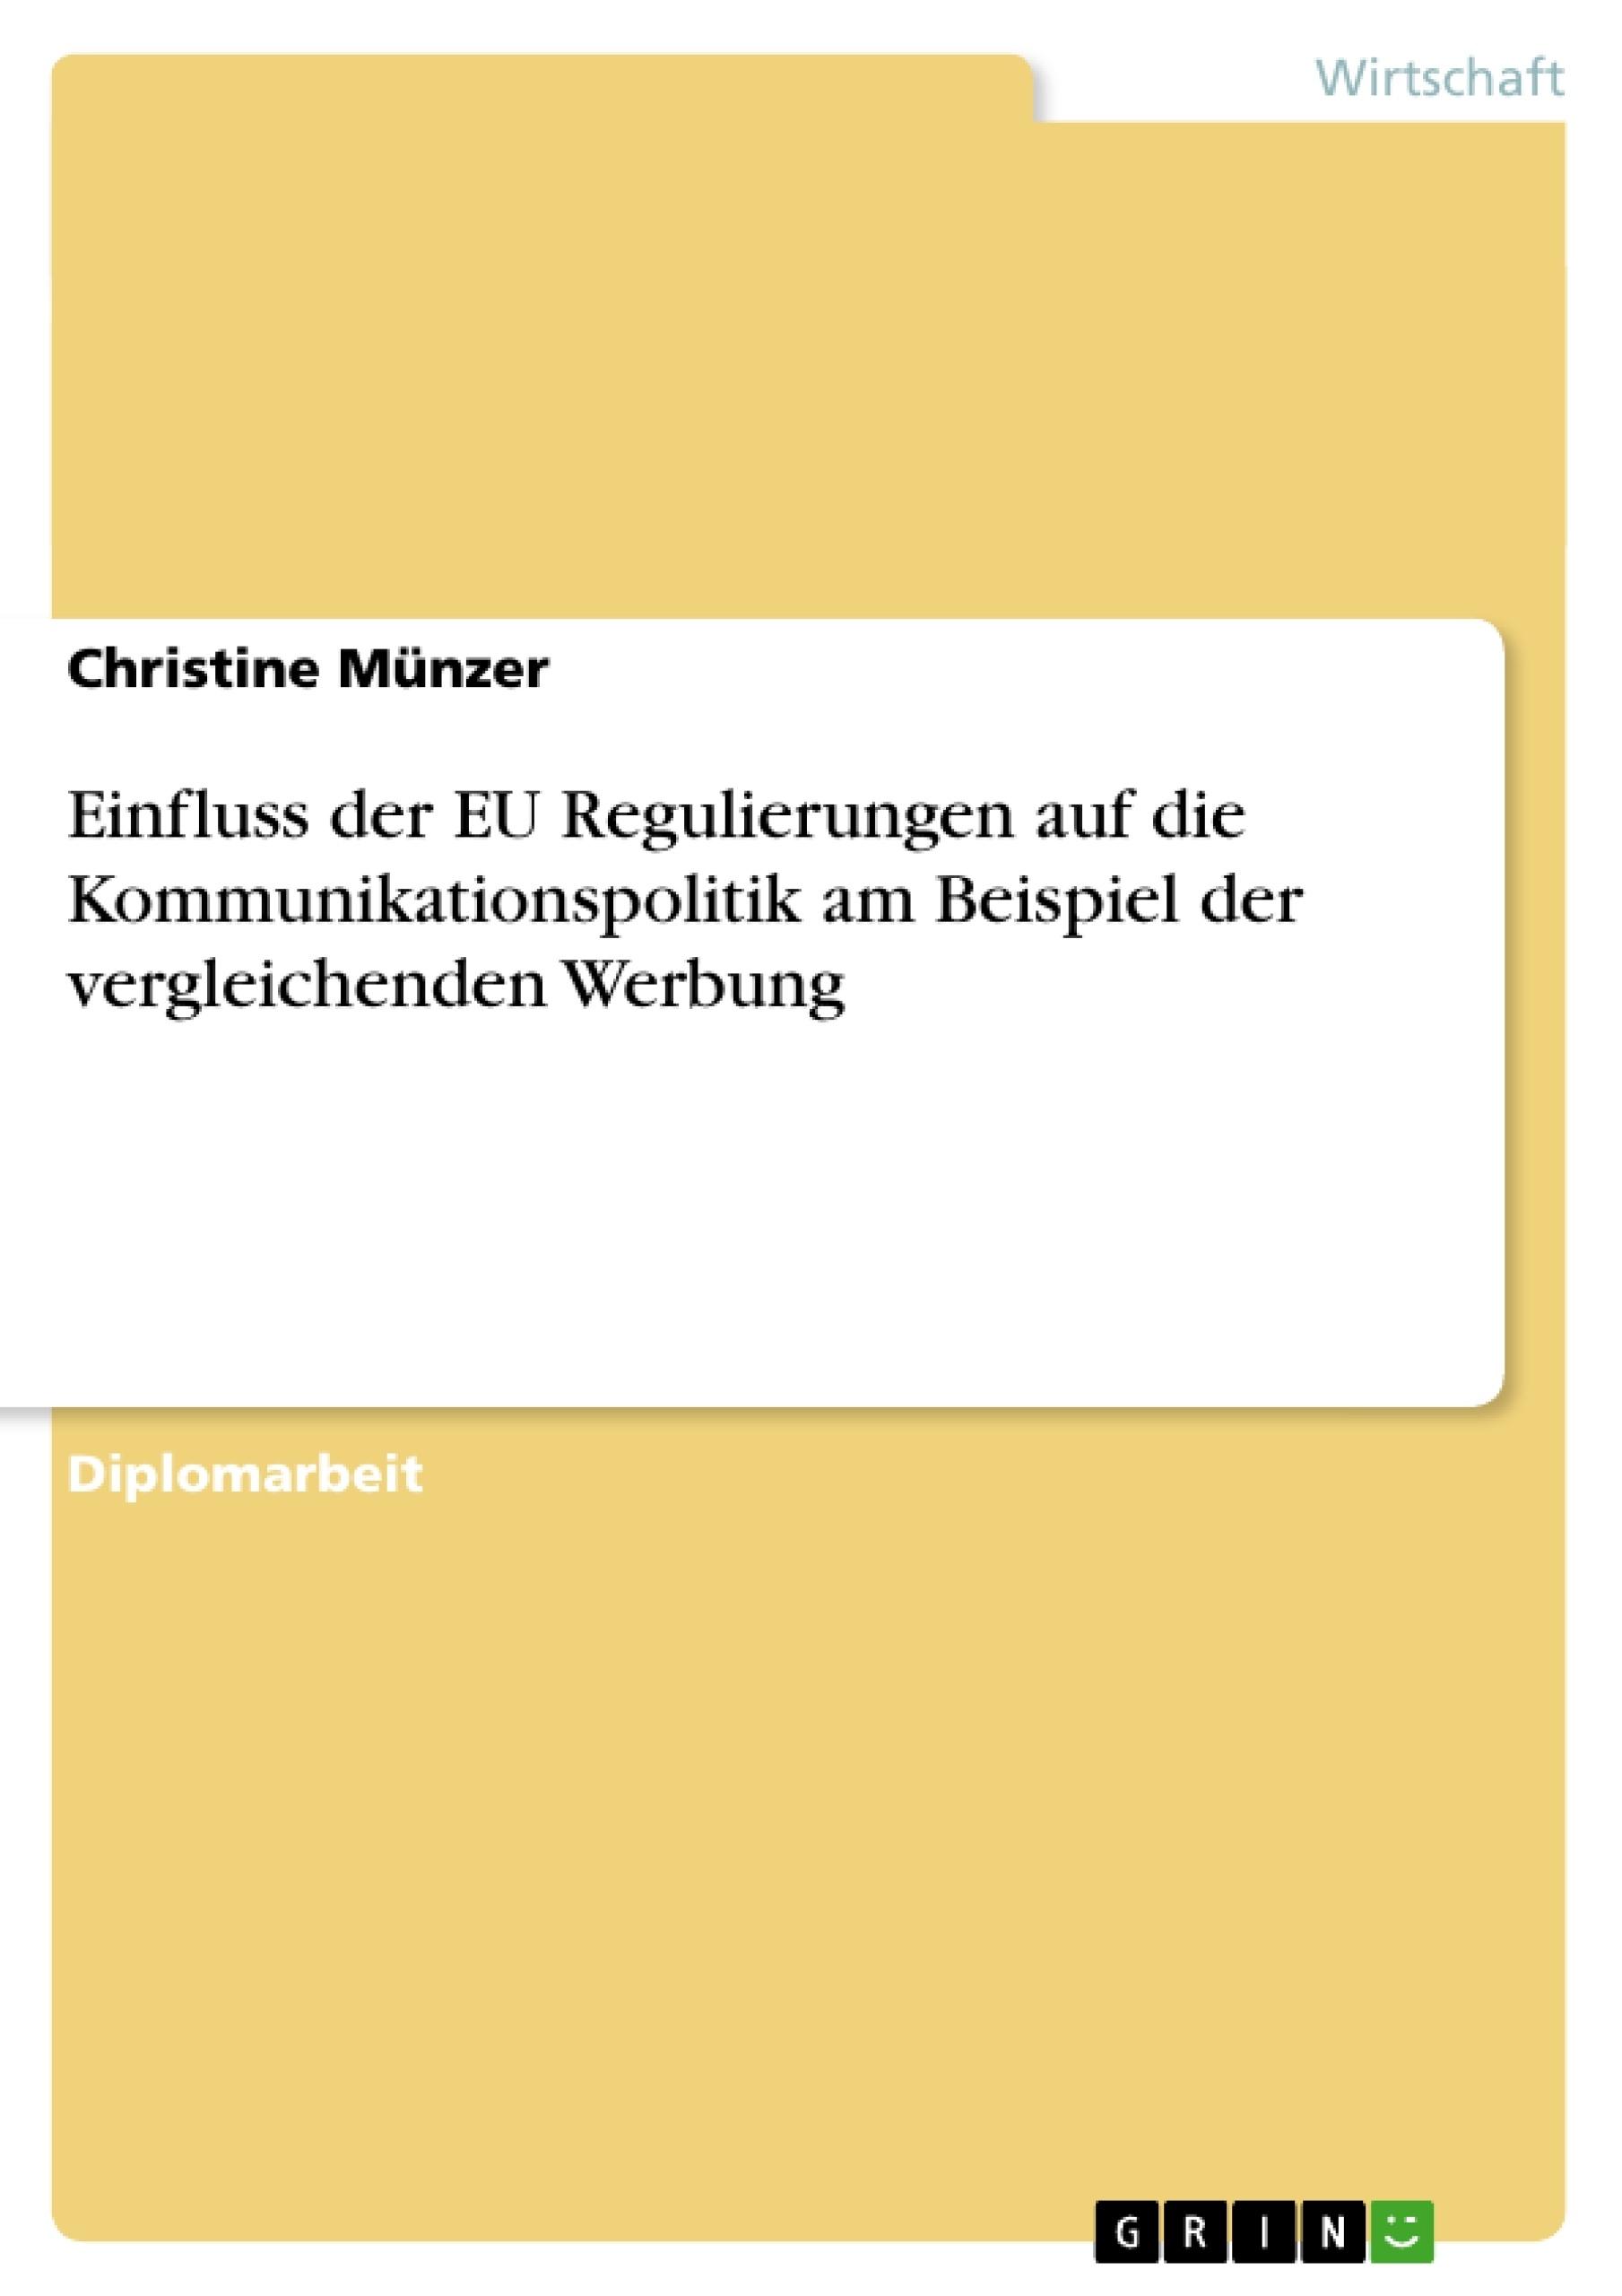 Titel: Einfluss der EU Regulierungen auf die Kommunikationspolitik am Beispiel der vergleichenden Werbung